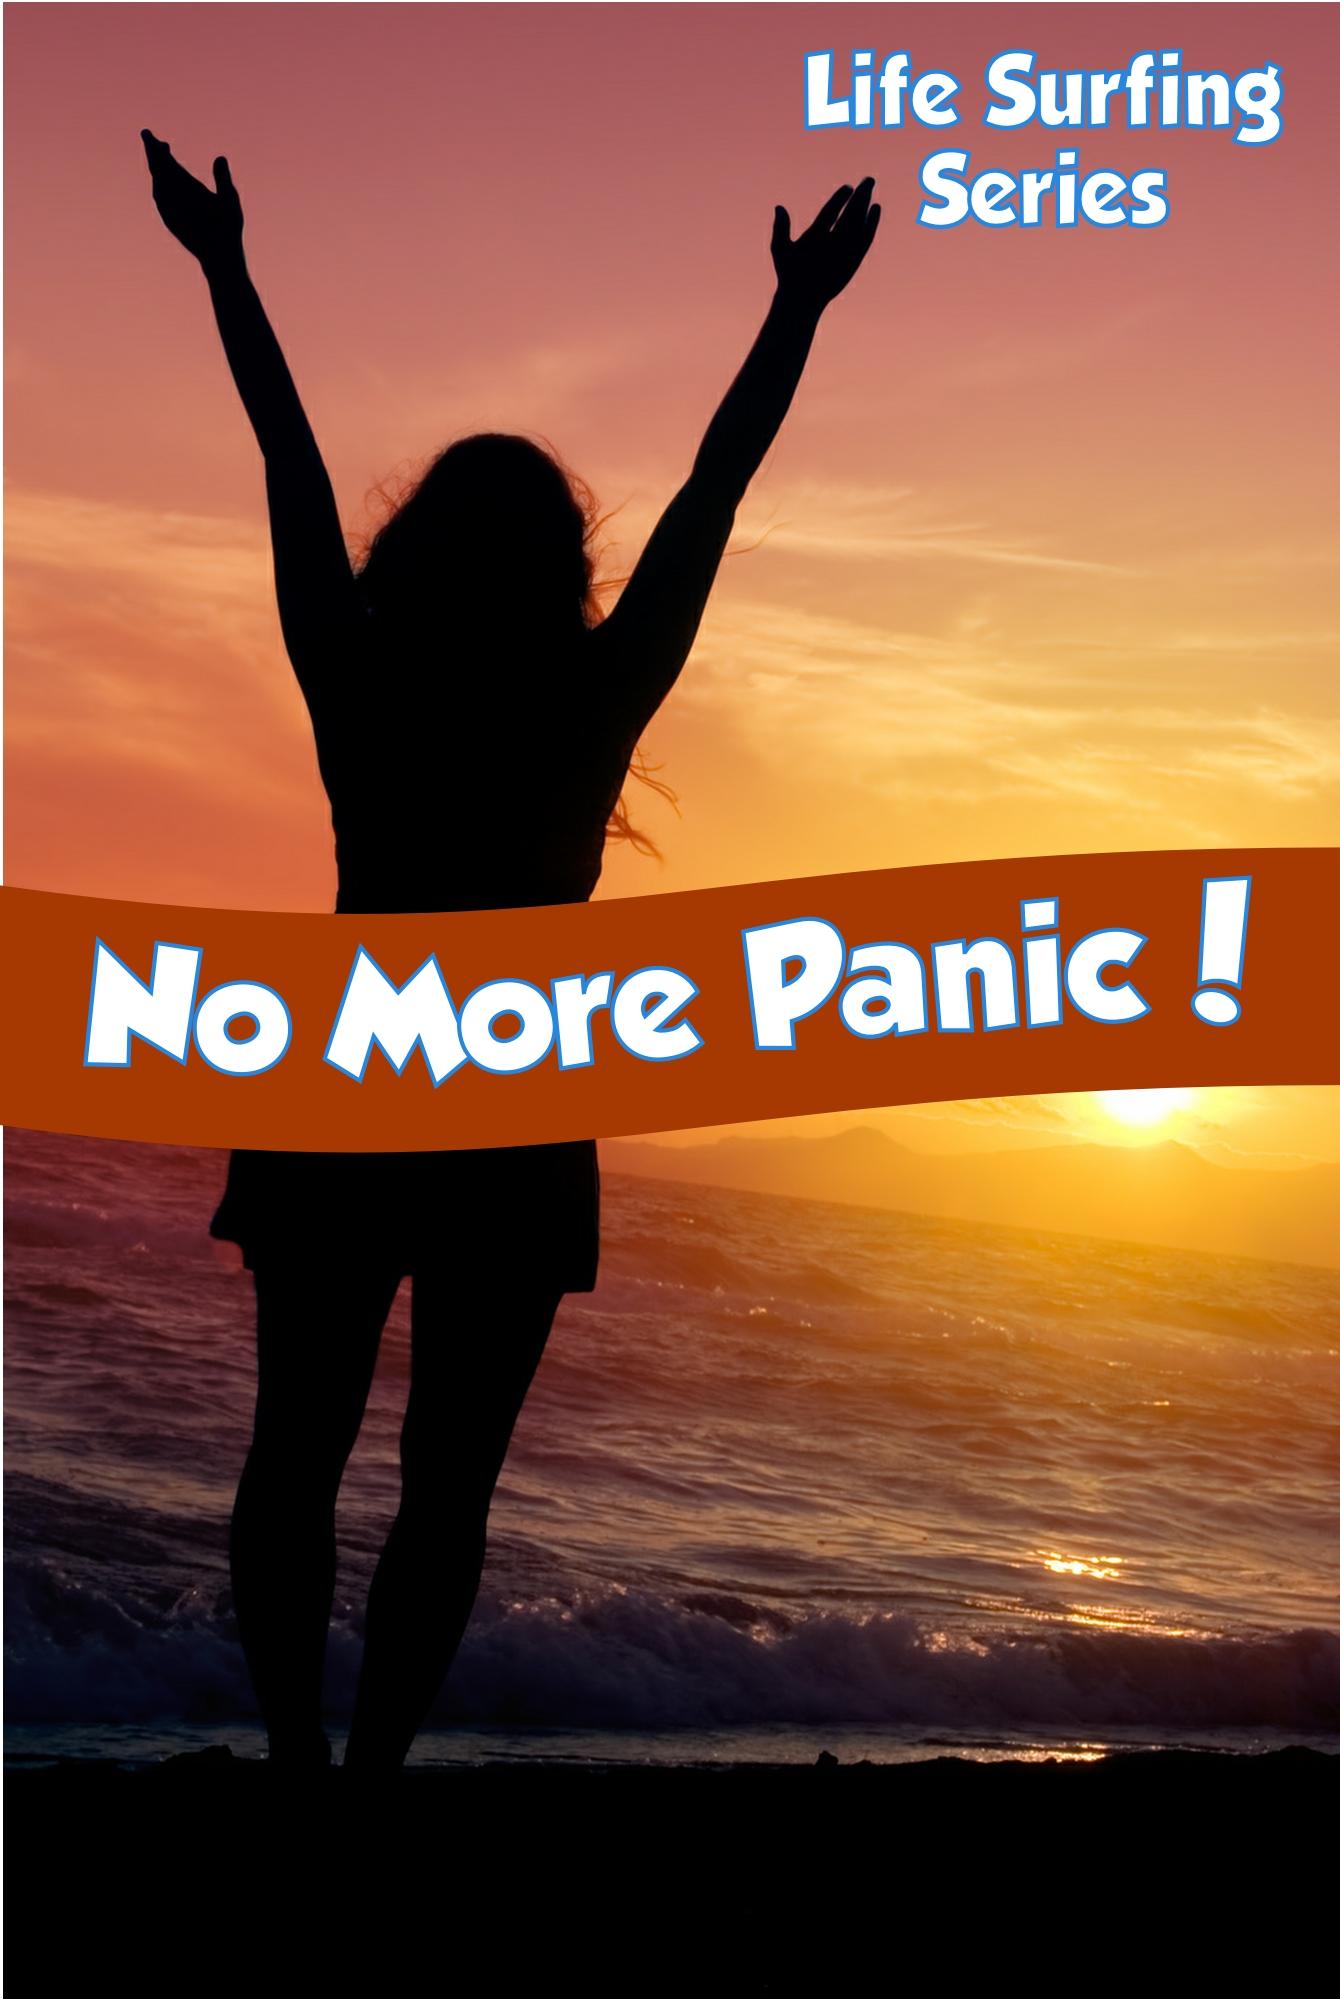 No More Panic!